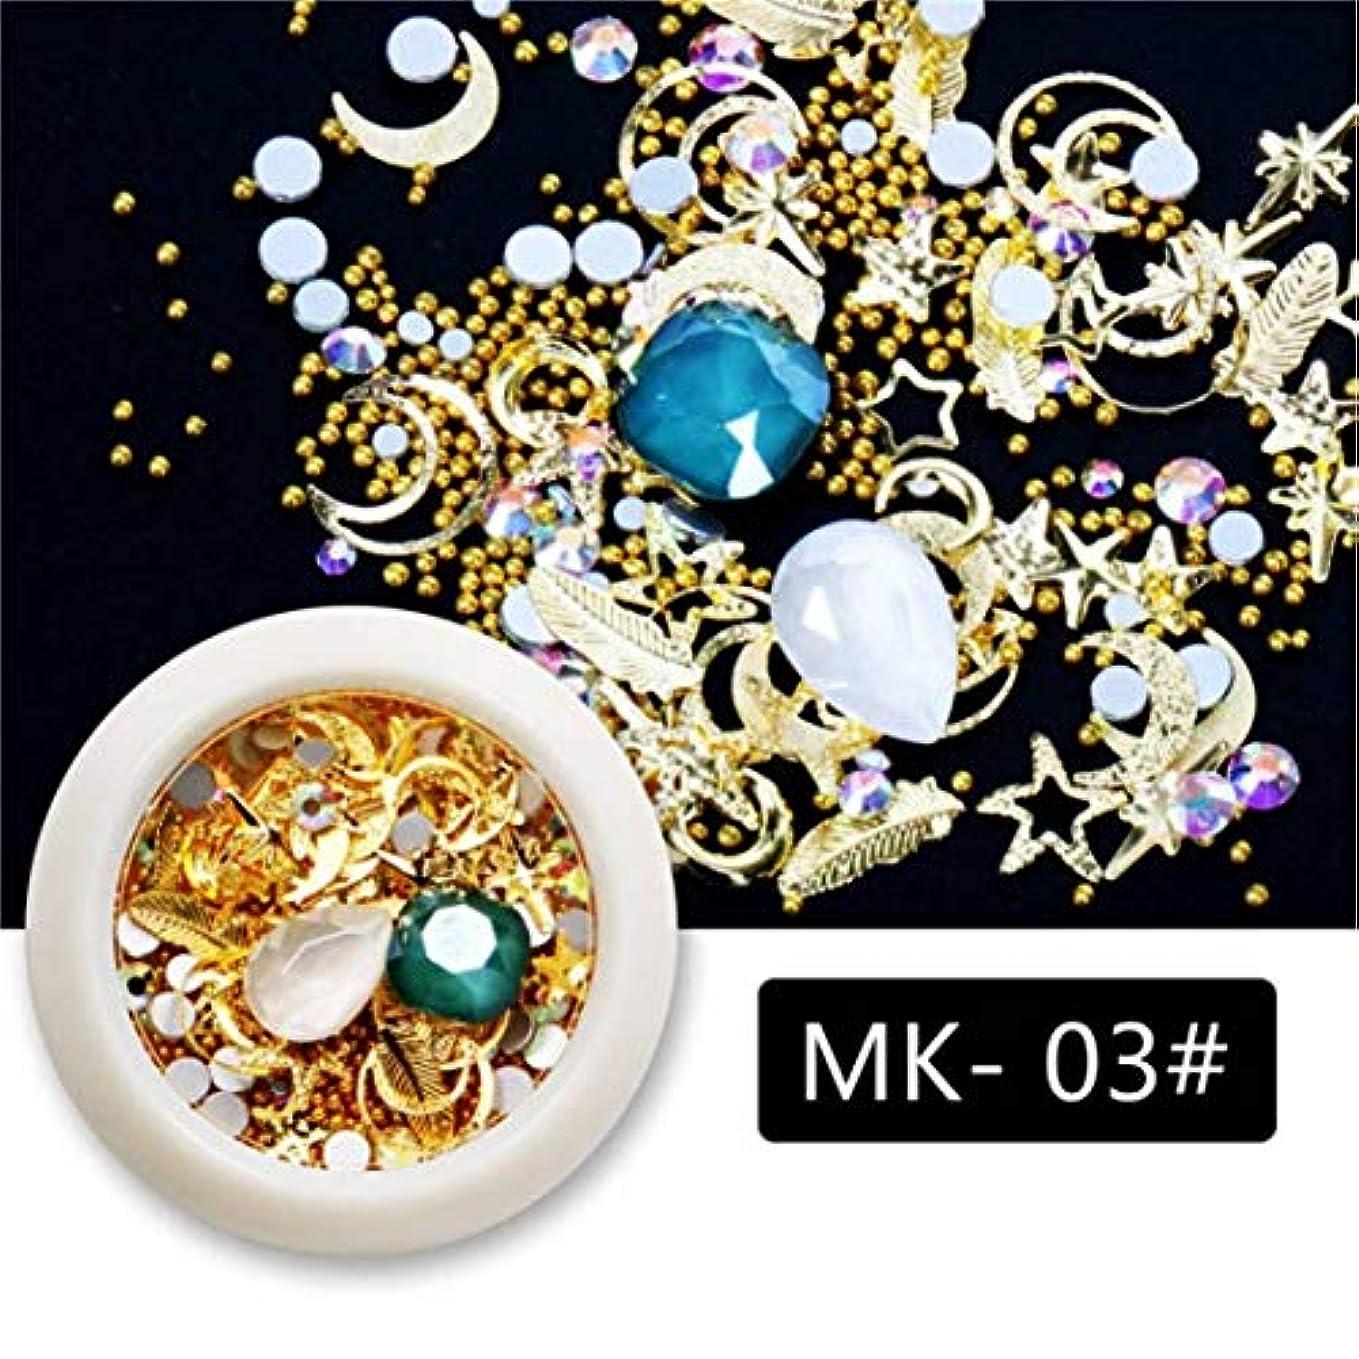 礼拝分散再集計Yoshilimen 1新しいネイルデザインジュエリーネイルデザインダイヤモンド木木石(None MK-03)